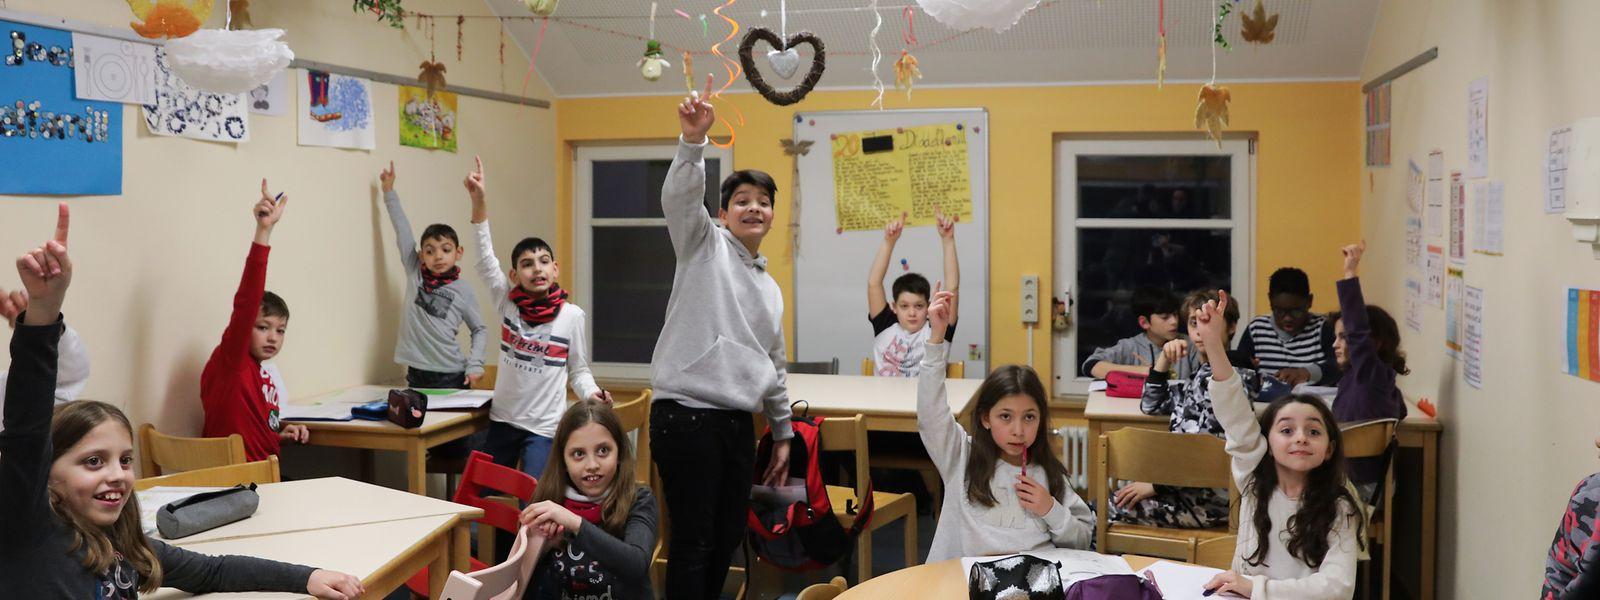 """In der Maison relais """"Diddelfamill"""" der Vereinigung Inter-Actions im Viertel Italien werden die Schulkinder während der Hausaufgaben regelmäßig zu sportlichen Aktivitäten aufgefordert."""